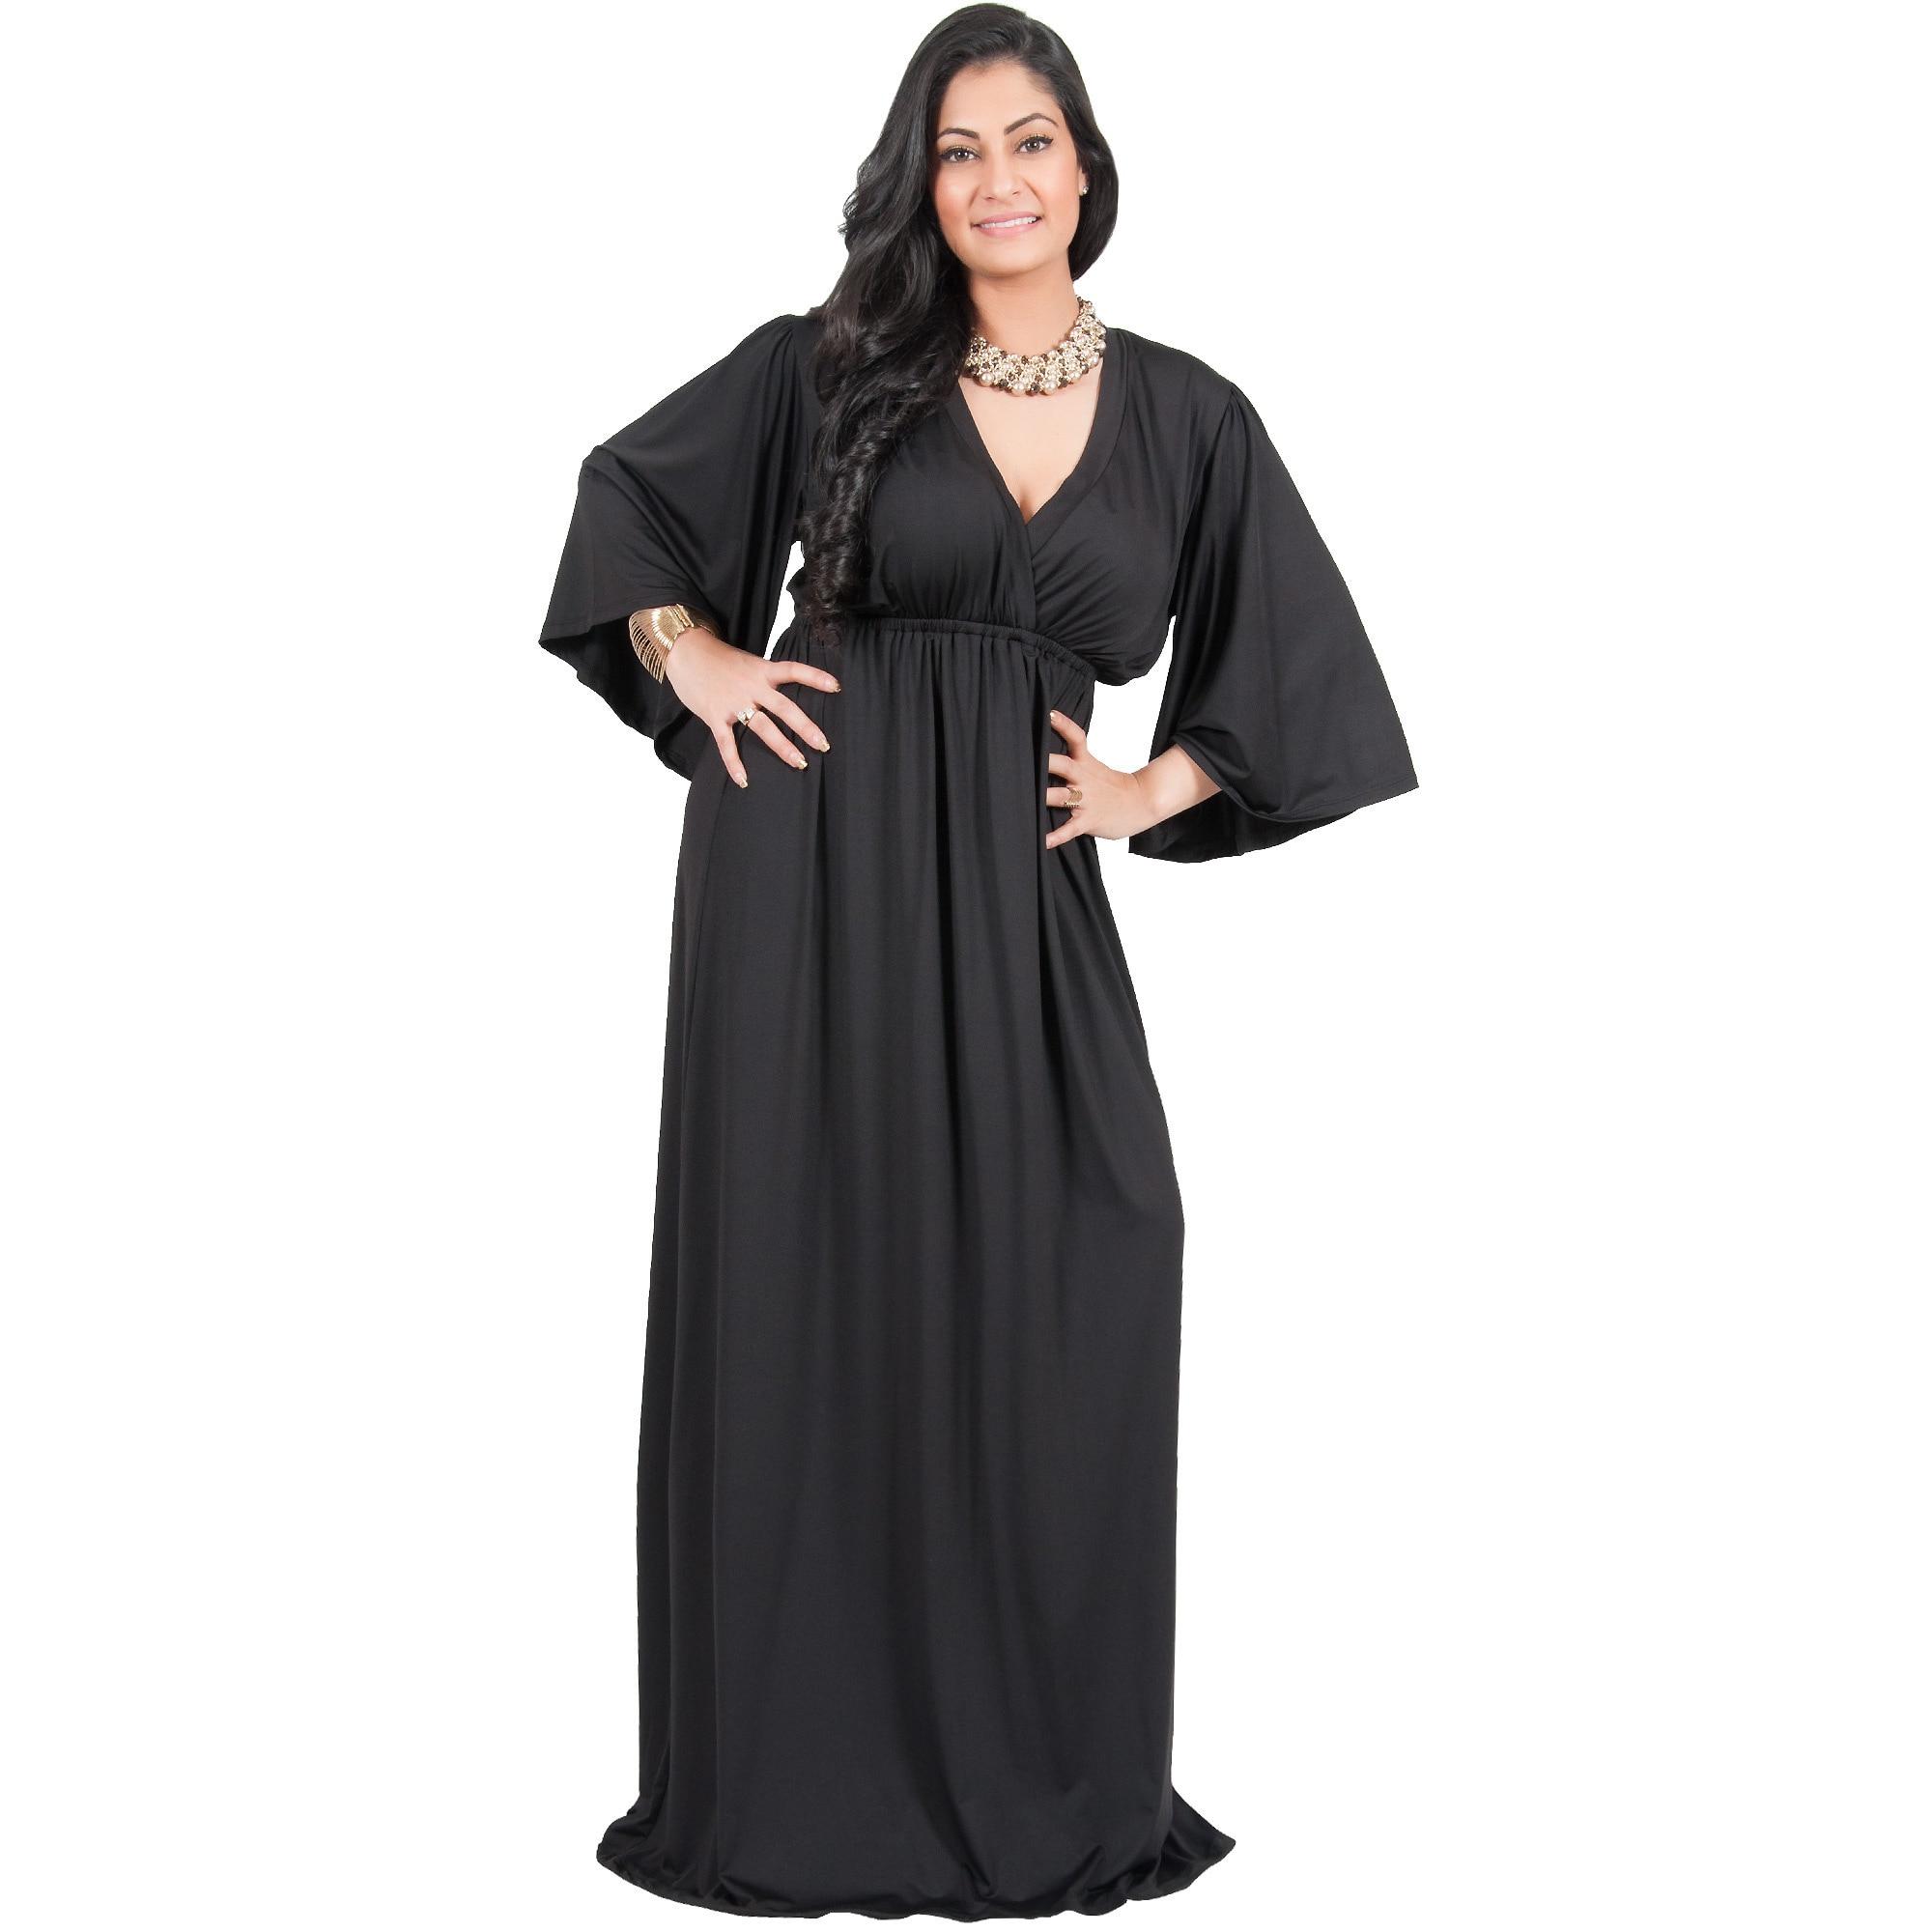 d31bed22799 Buy Size 4X Black Evening   Formal Dresses Online at Overstock.com ...